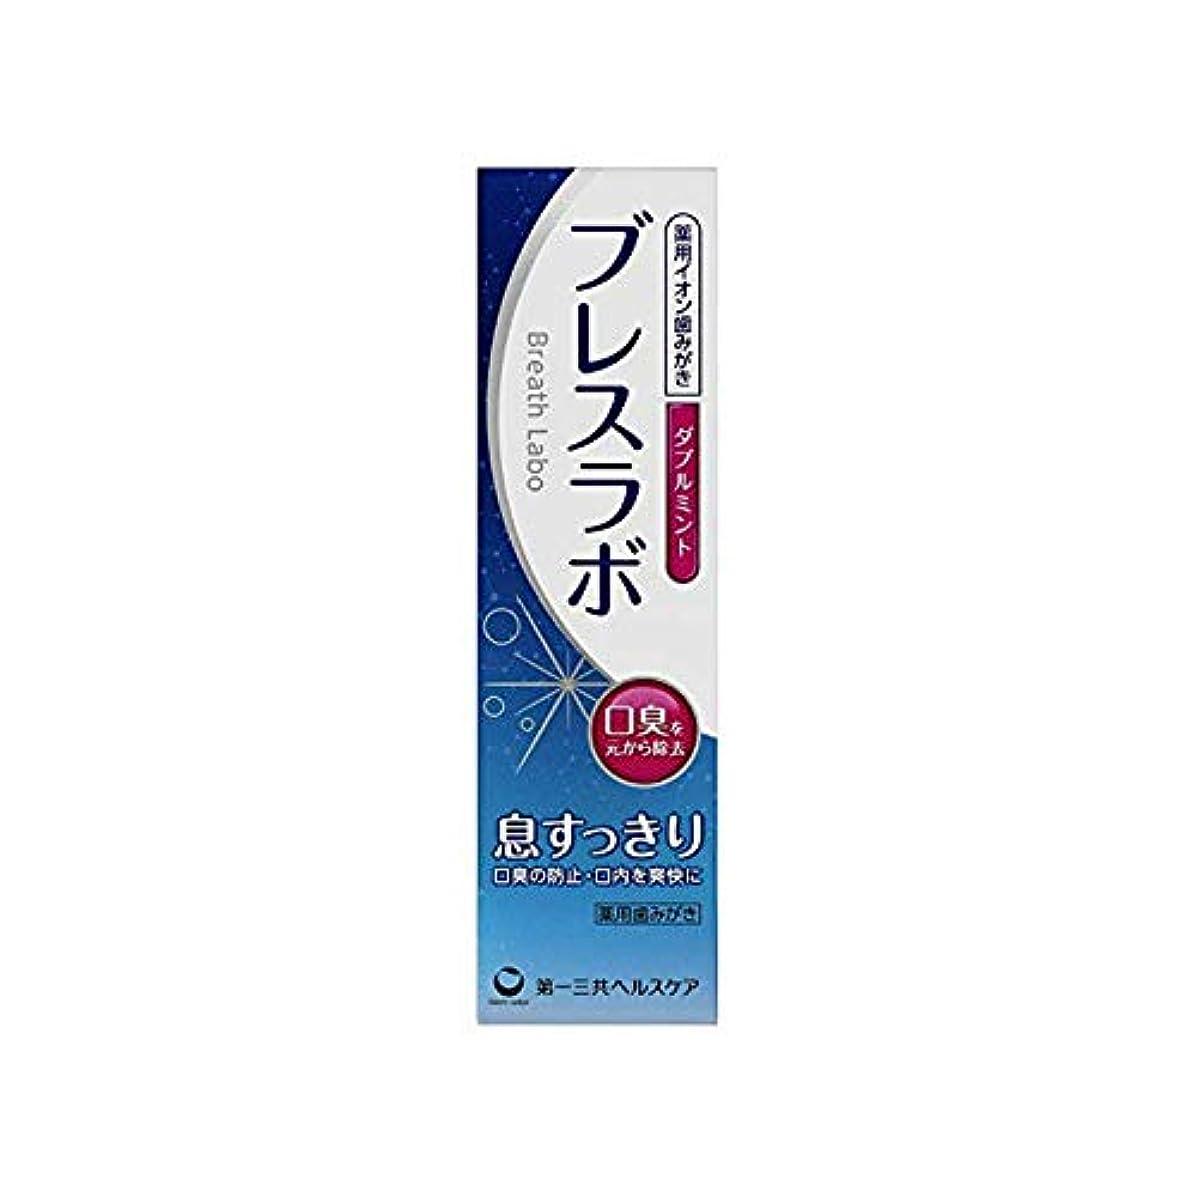 キャップバッフルこする【10個セット】ブレスラボ ダブルミント 90g